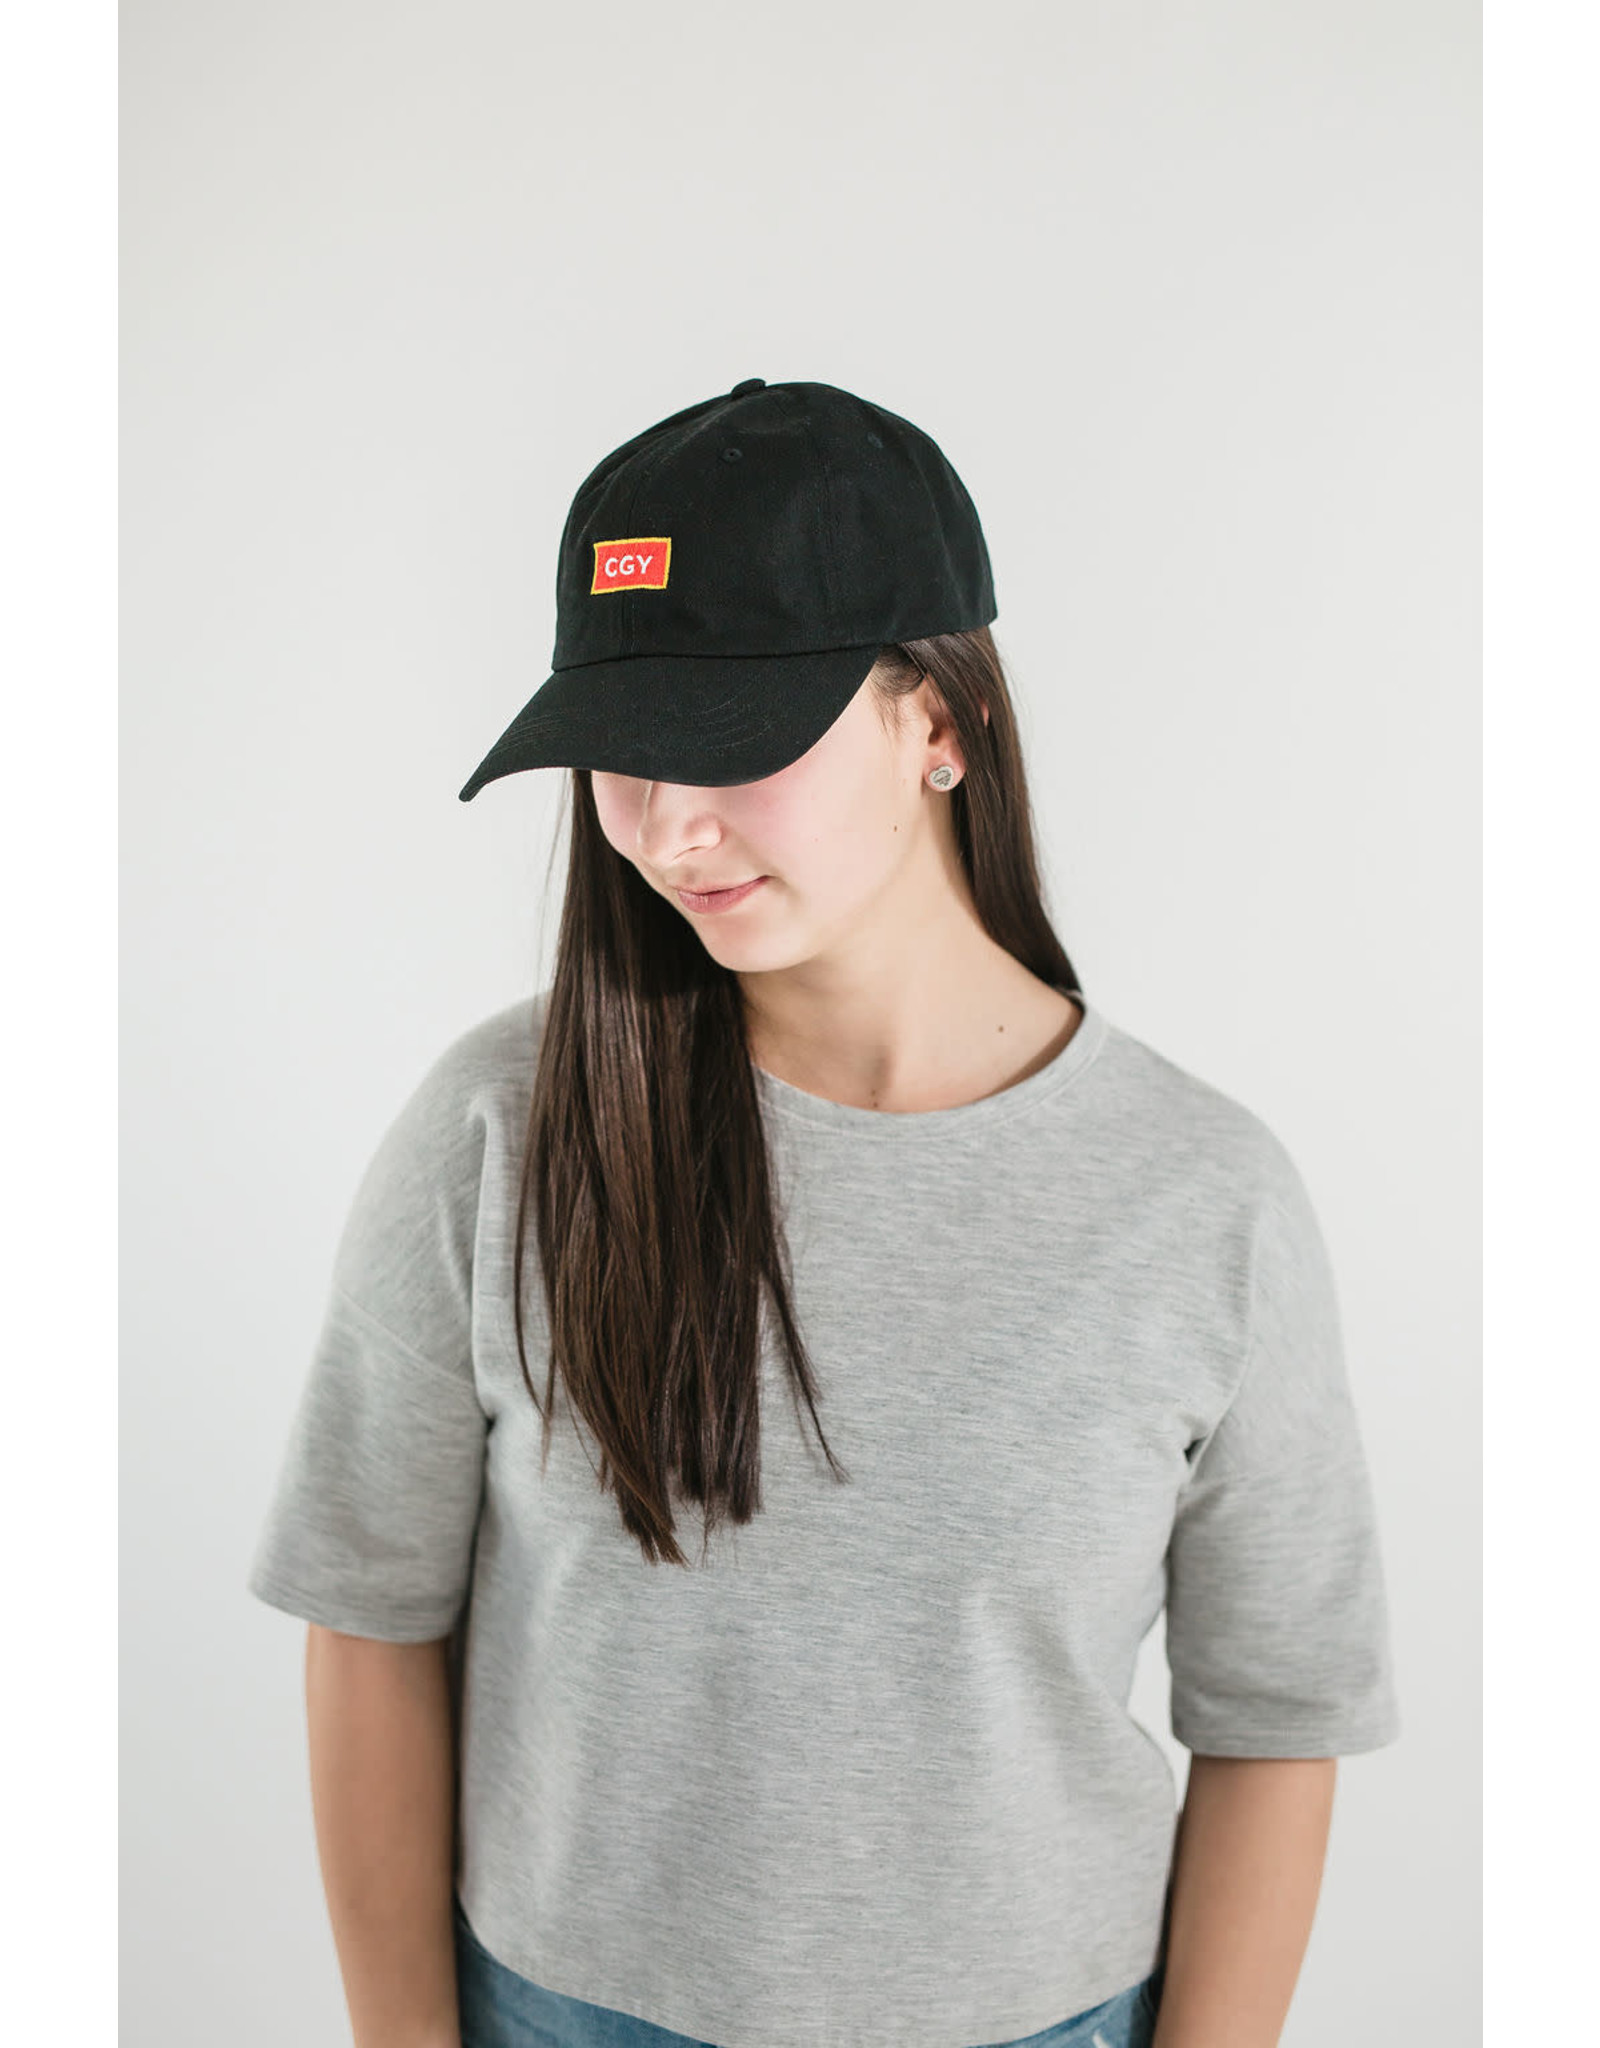 CDN CGY Dad Hat